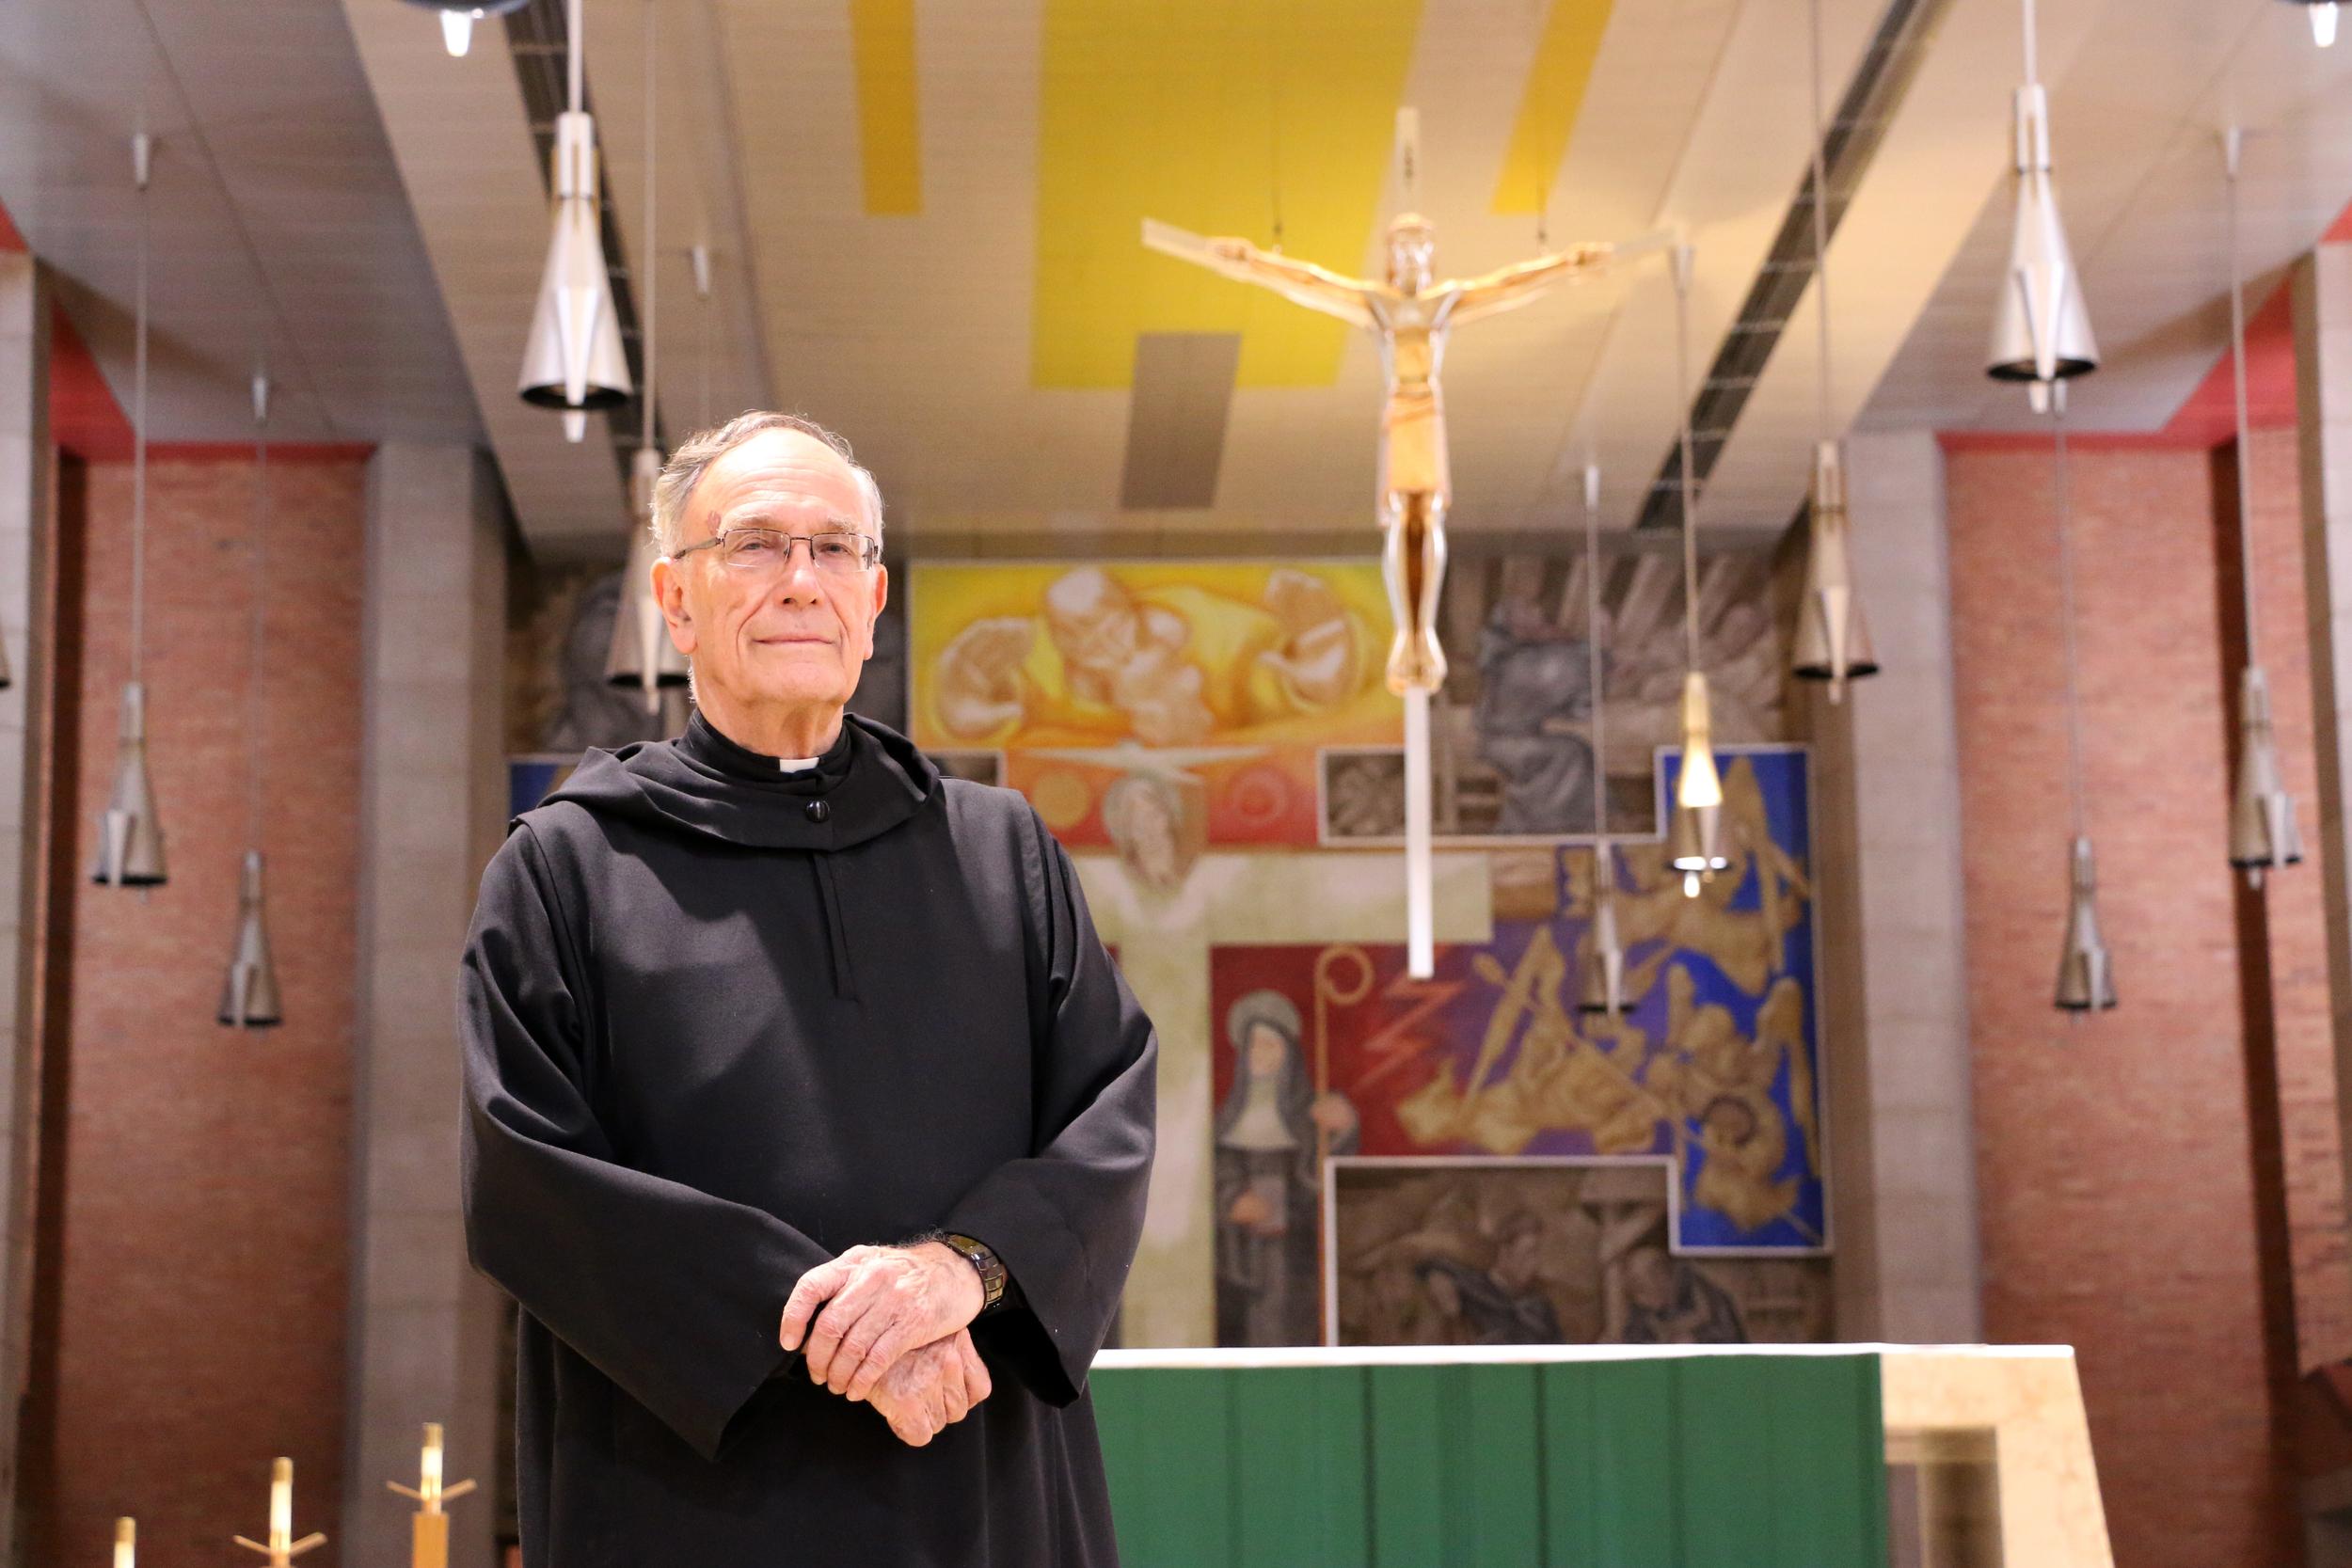 Fr. Blaine Schultz - 62 Years